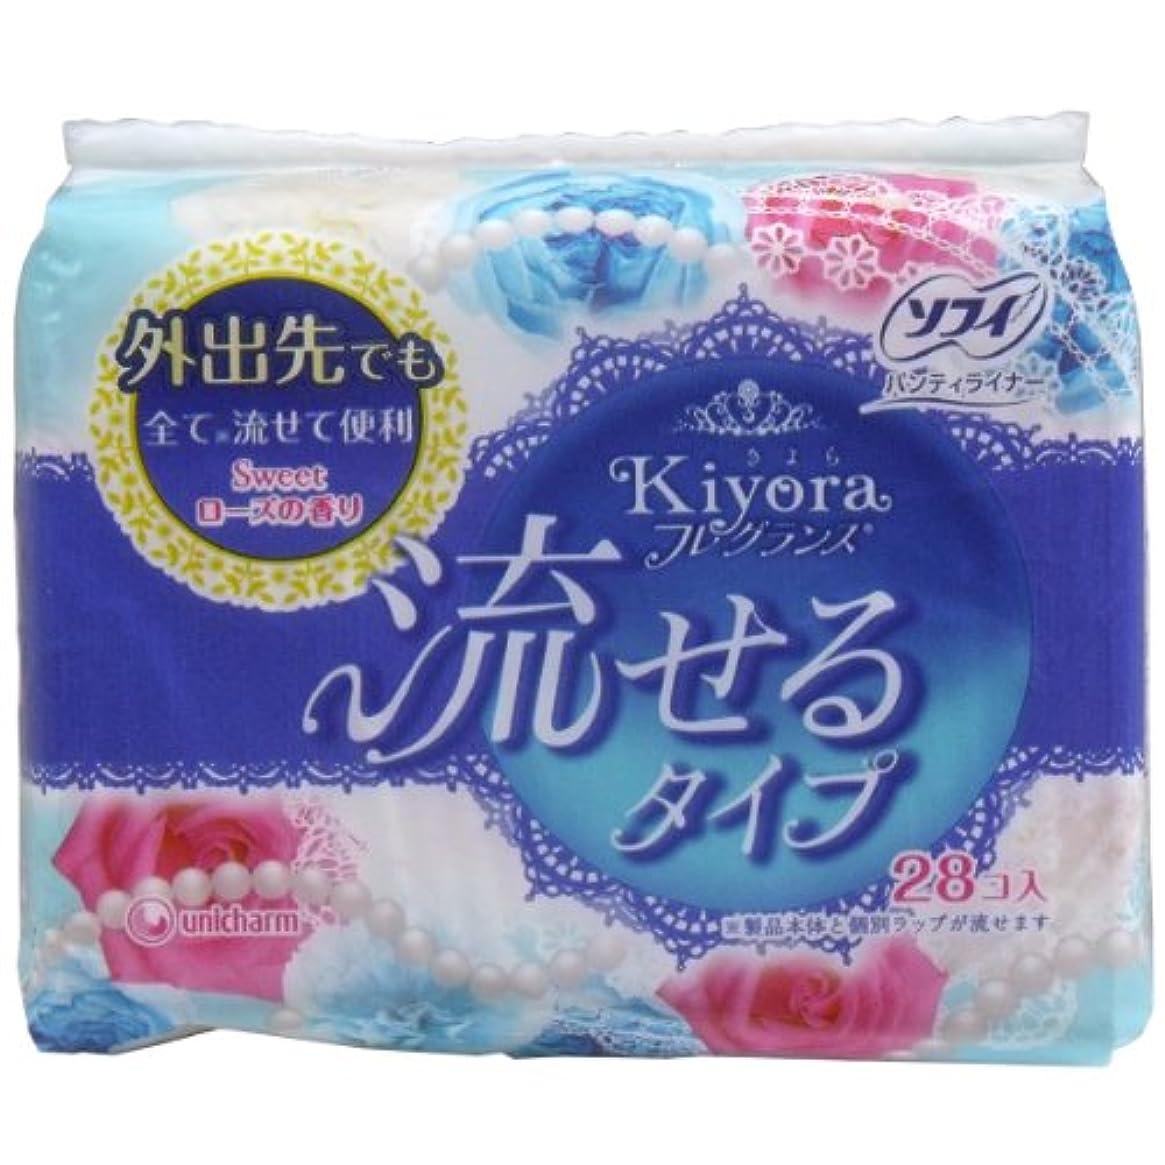 市町村センチメンタルリスソフィ Kiyoraフレグランス 流せるタイプ パンティライナー ローズの香り 28個入